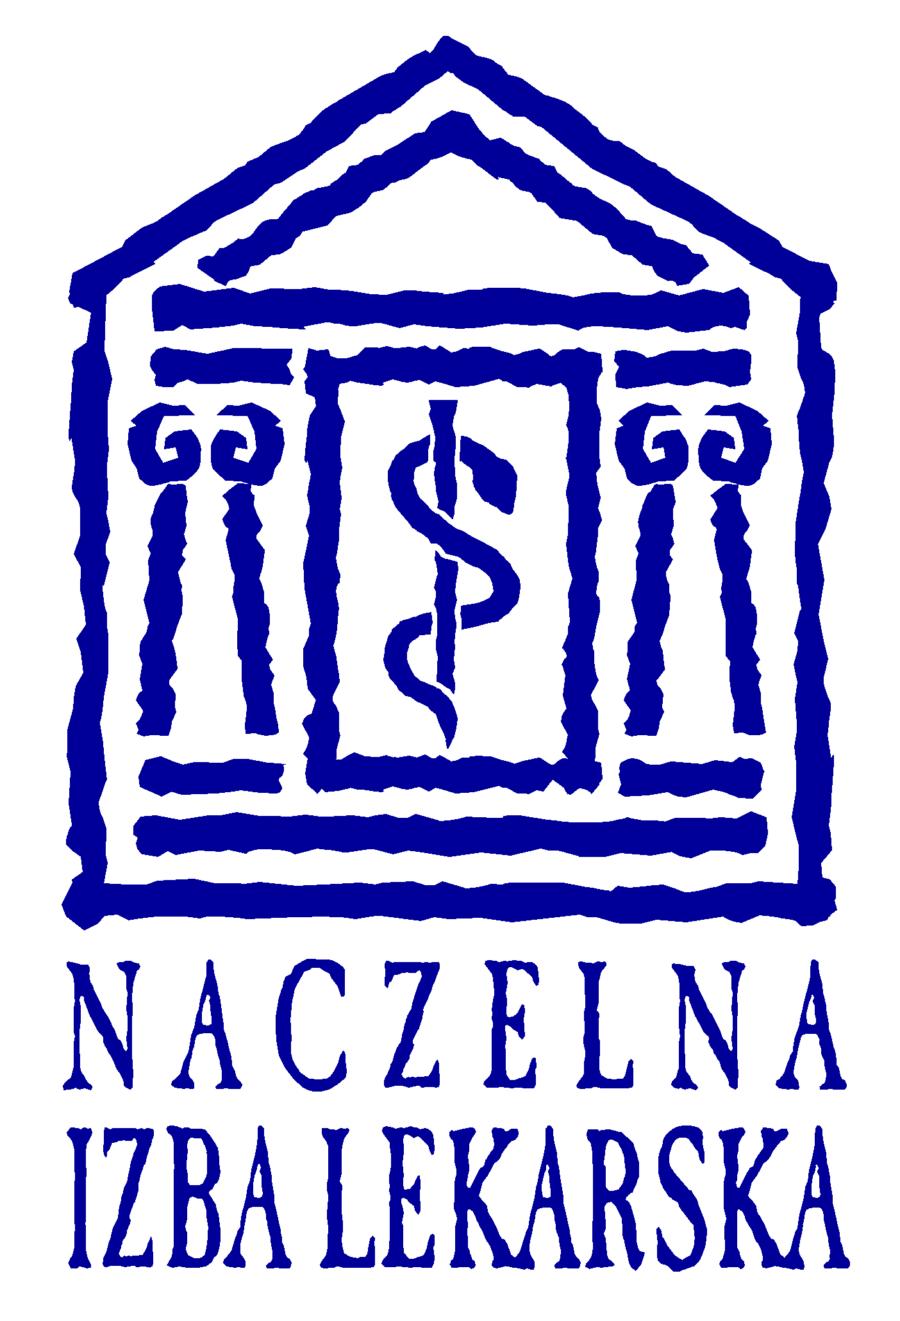 Naczelna Izba Lekarska logo